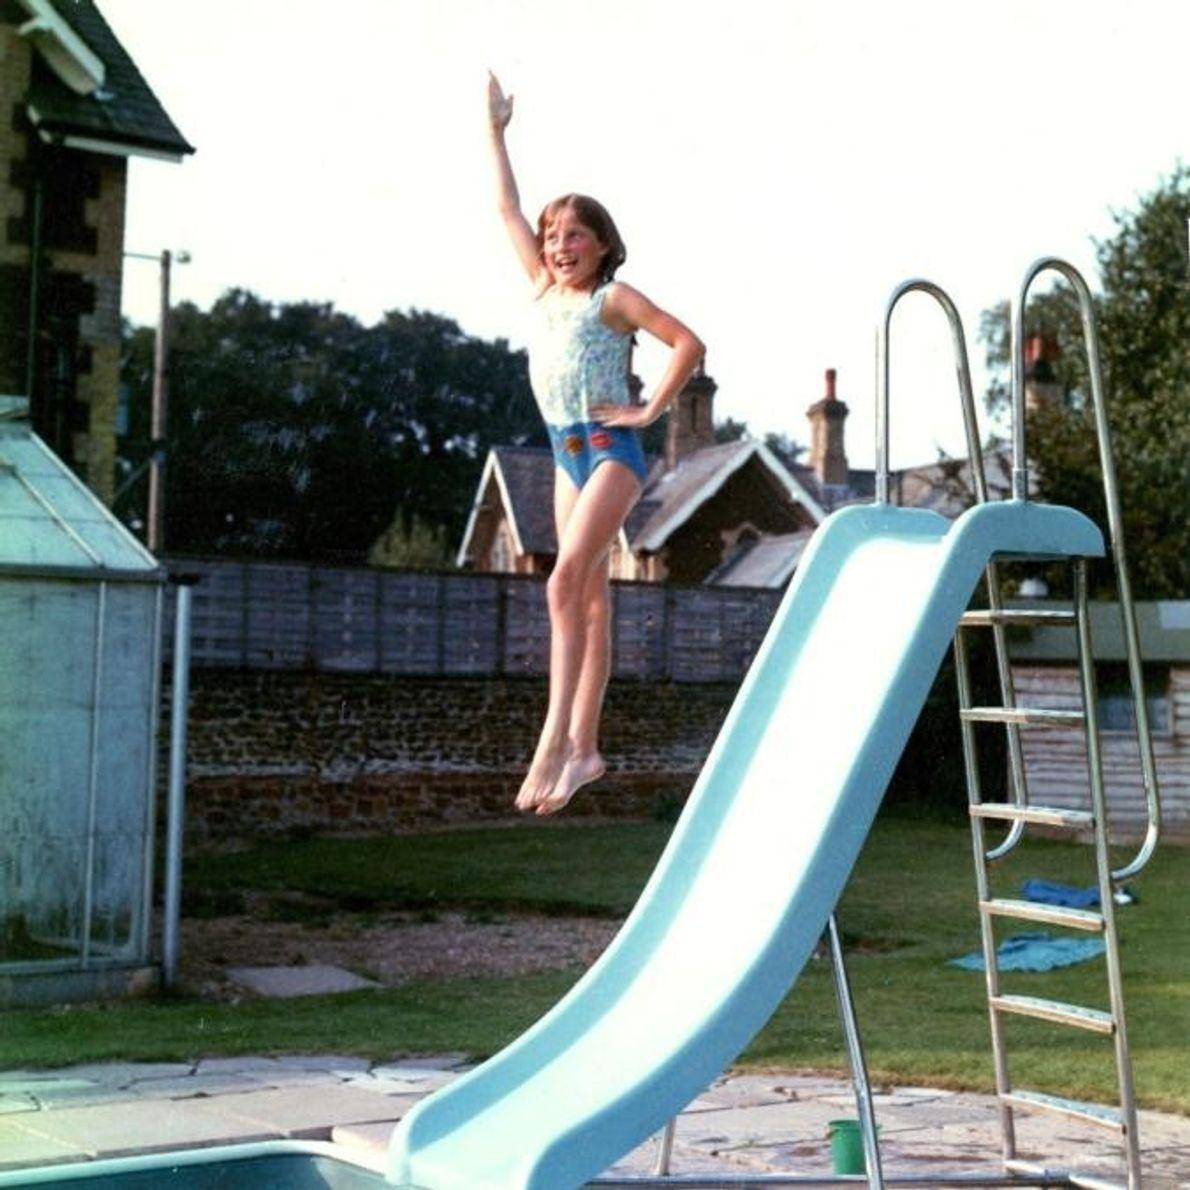 Toujours gracieuse, même en sautant d'un toboggan dans la piscine de sa famille à Park House, ...